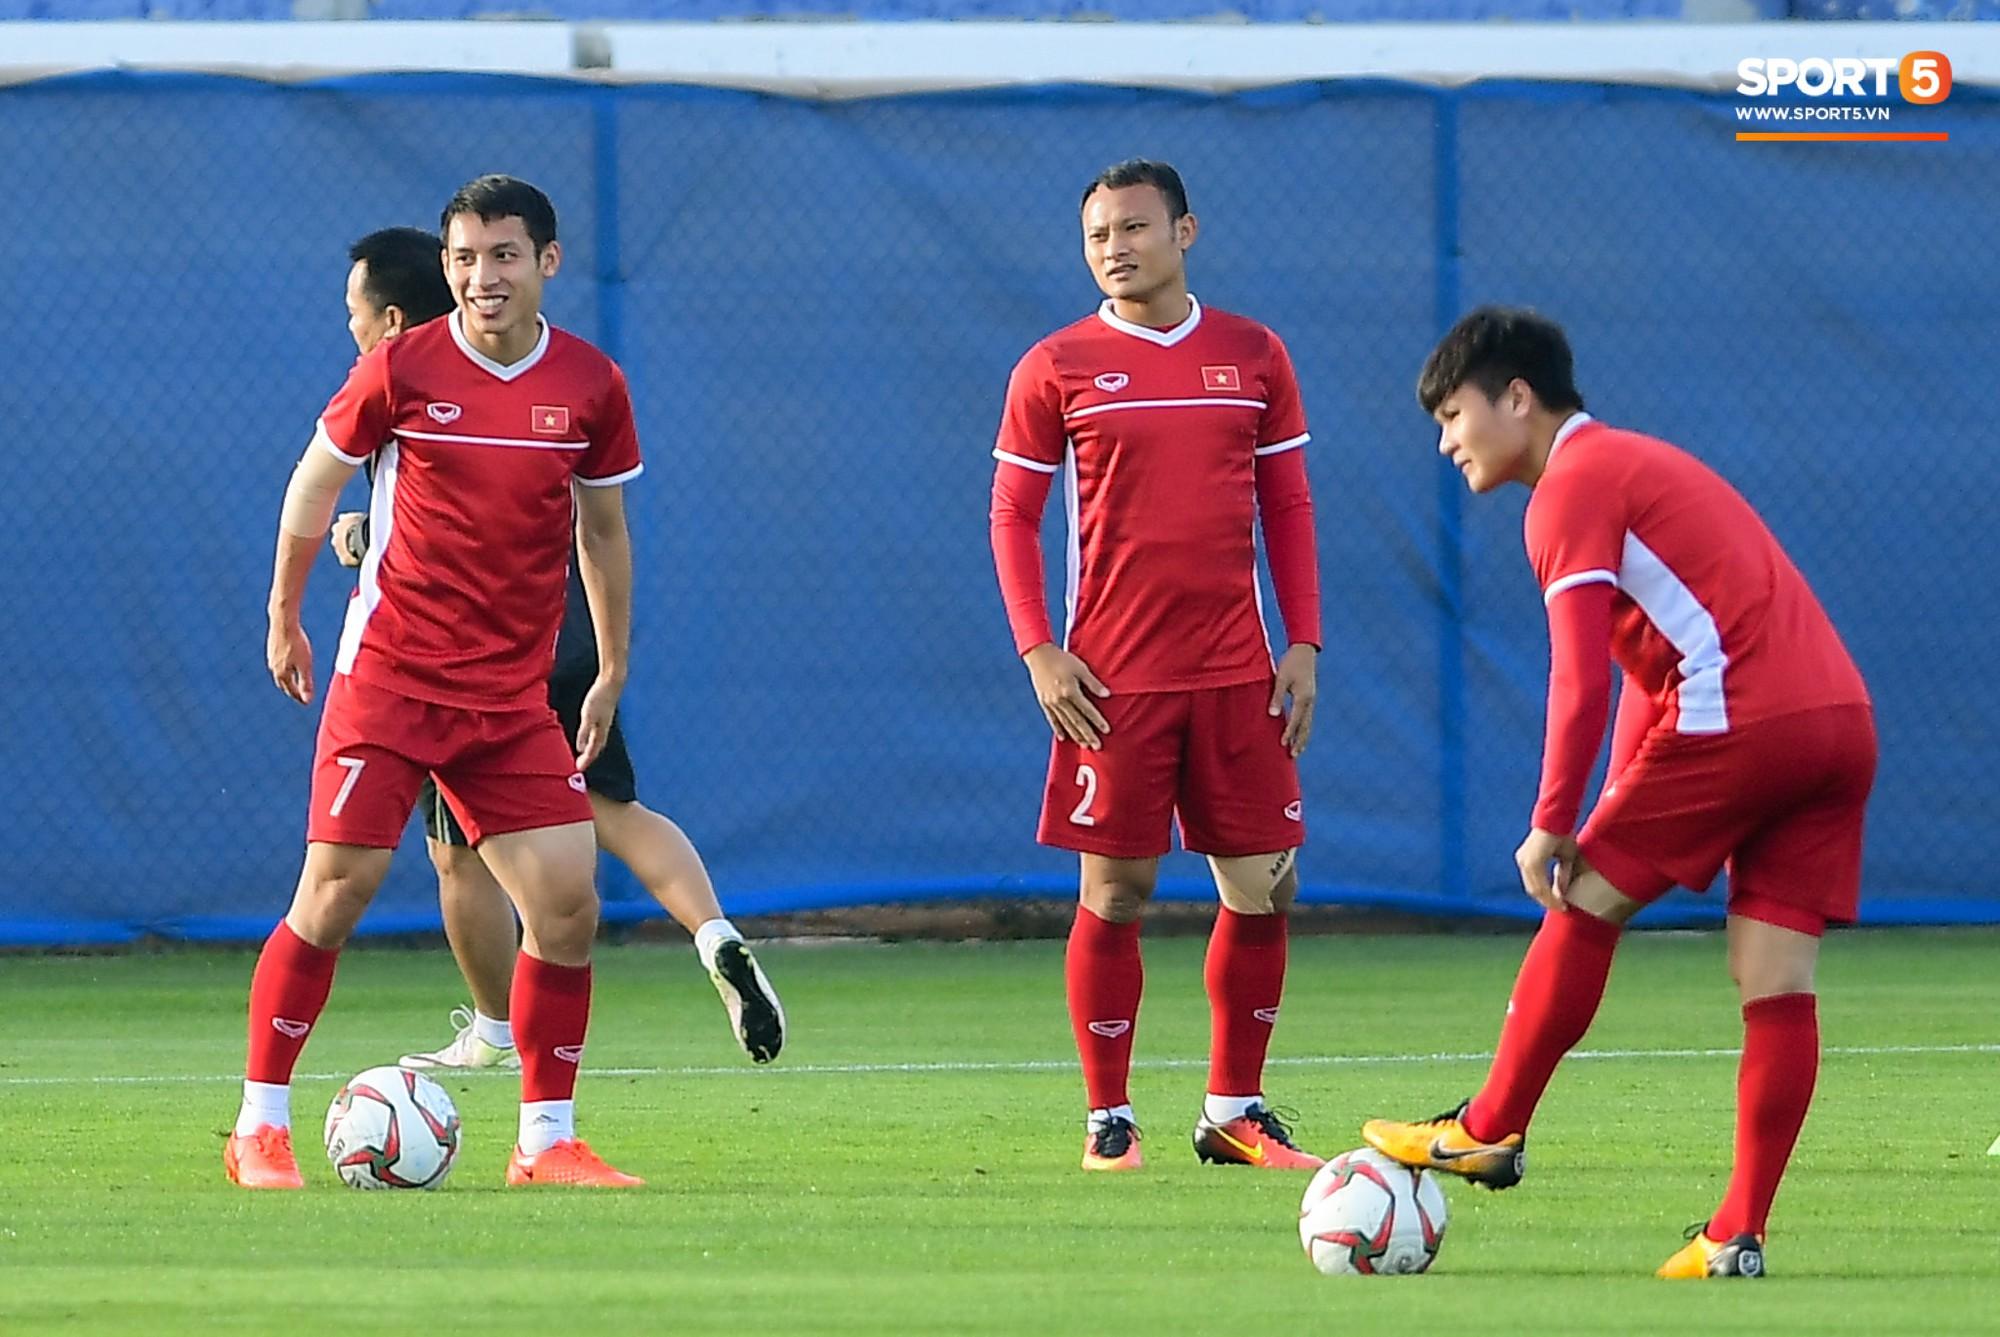 Chuyện giờ mới kể: Tuyển Việt Nam từng bị gián điệp Jordan theo dõi ở Asian Cup 2019-1